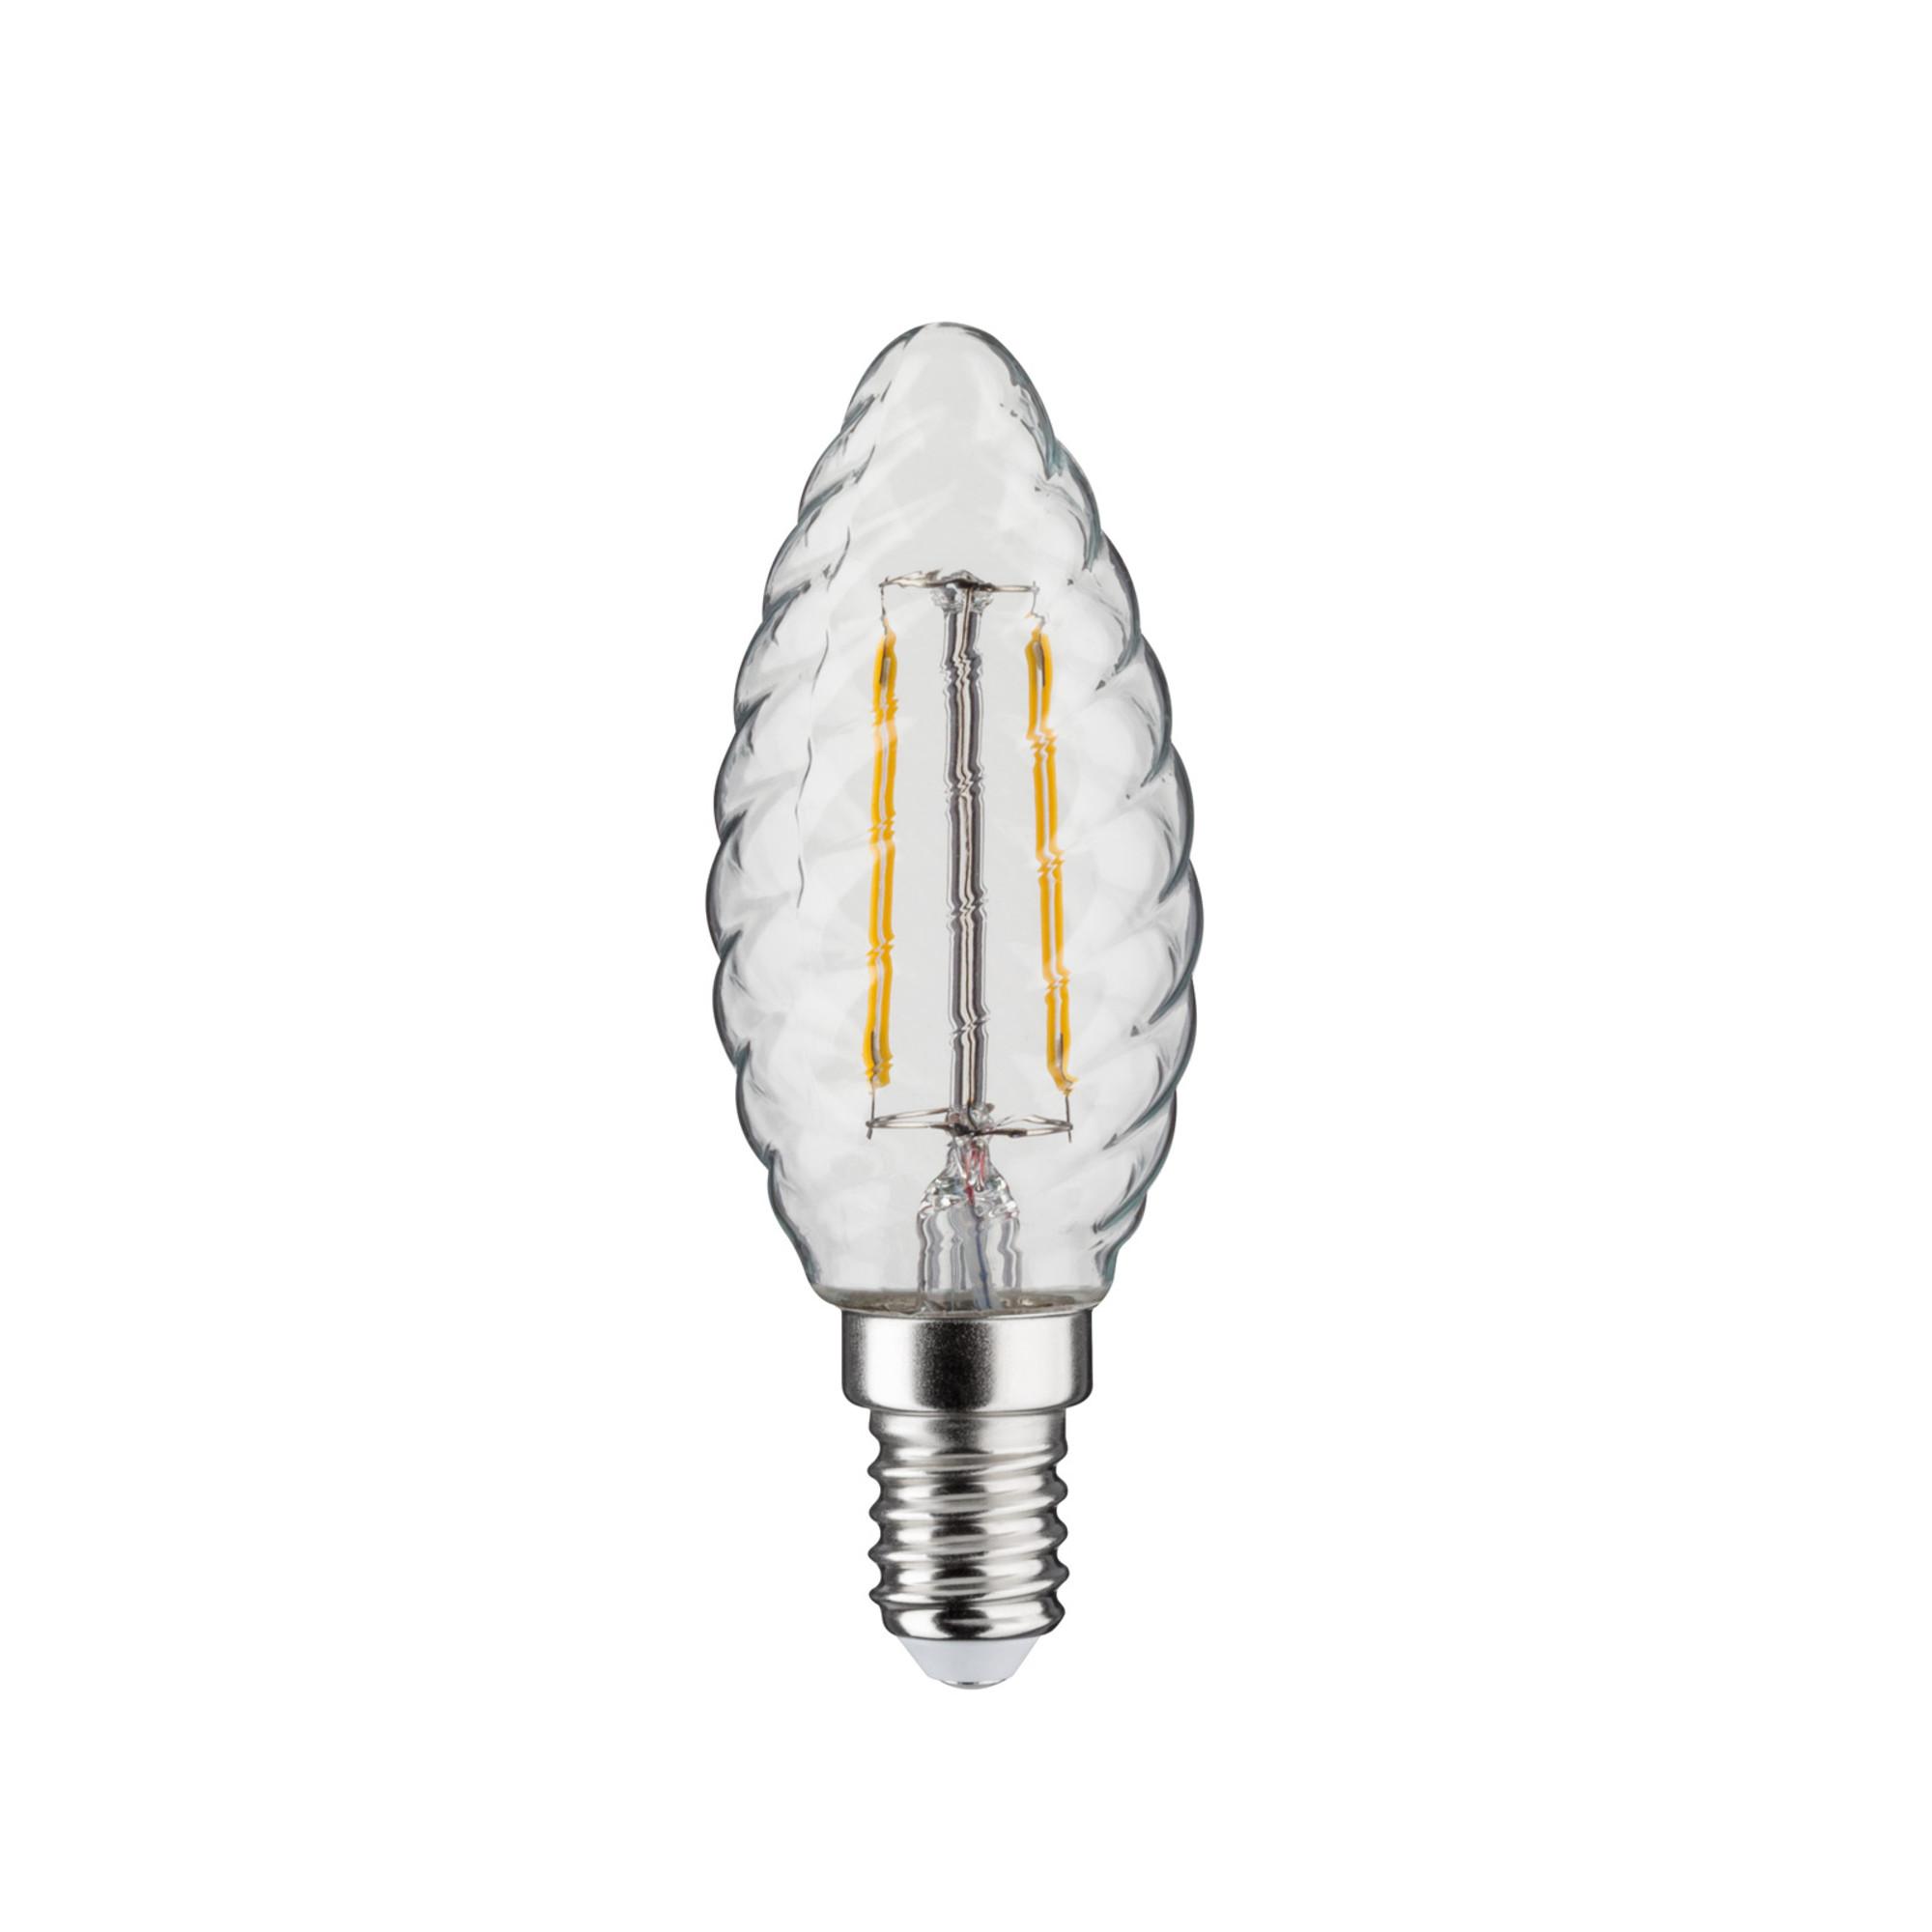 Лампа филаментная Paulmann Ретро Свеча витая 4.5Вт 470лм 2700К Е14 230В Прозрачный Регулируемая яркость 28499.